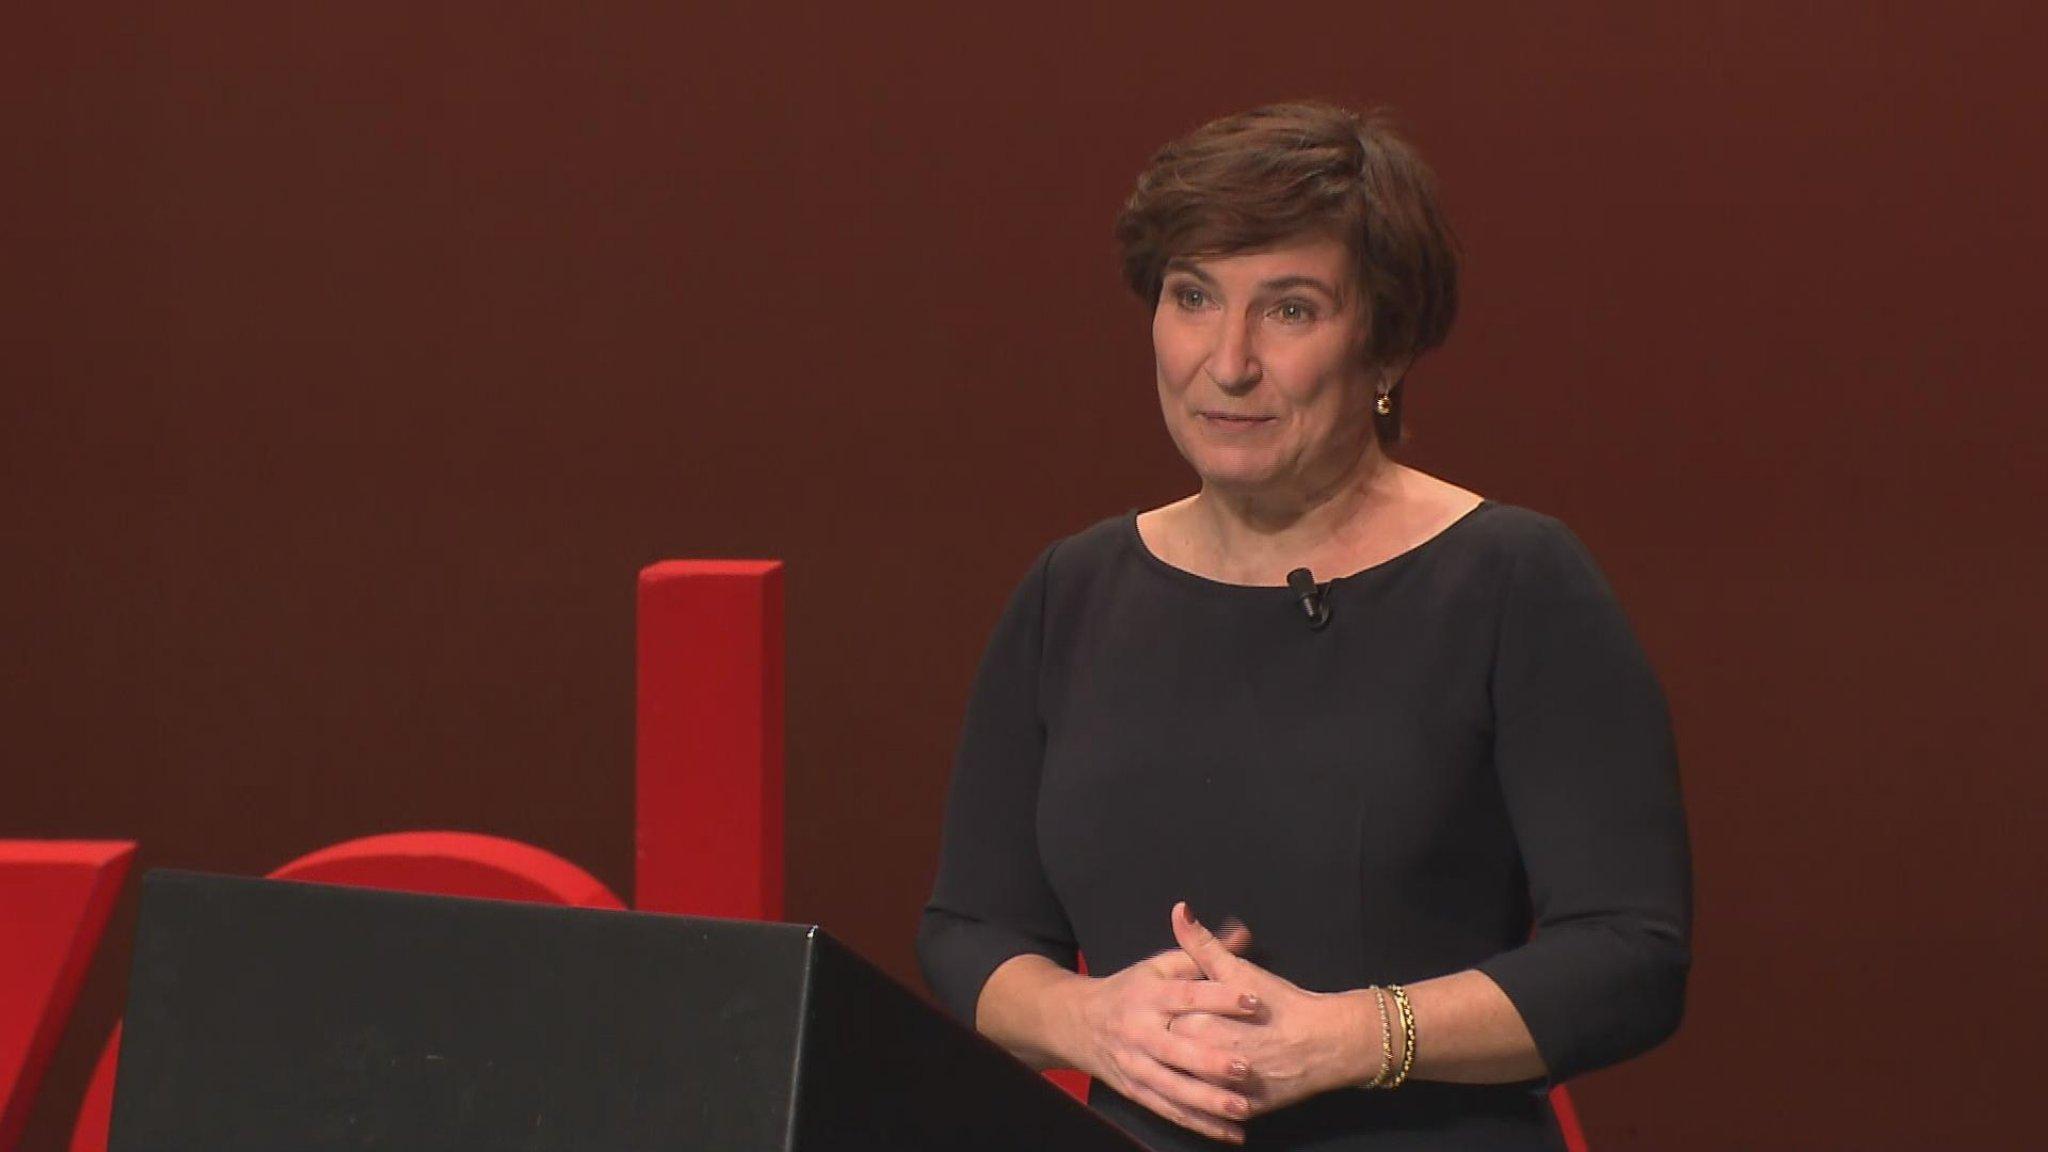 PvdA: ongelijkheid niet meer accepteren en herverdeling welvaart - RTL Nieuws